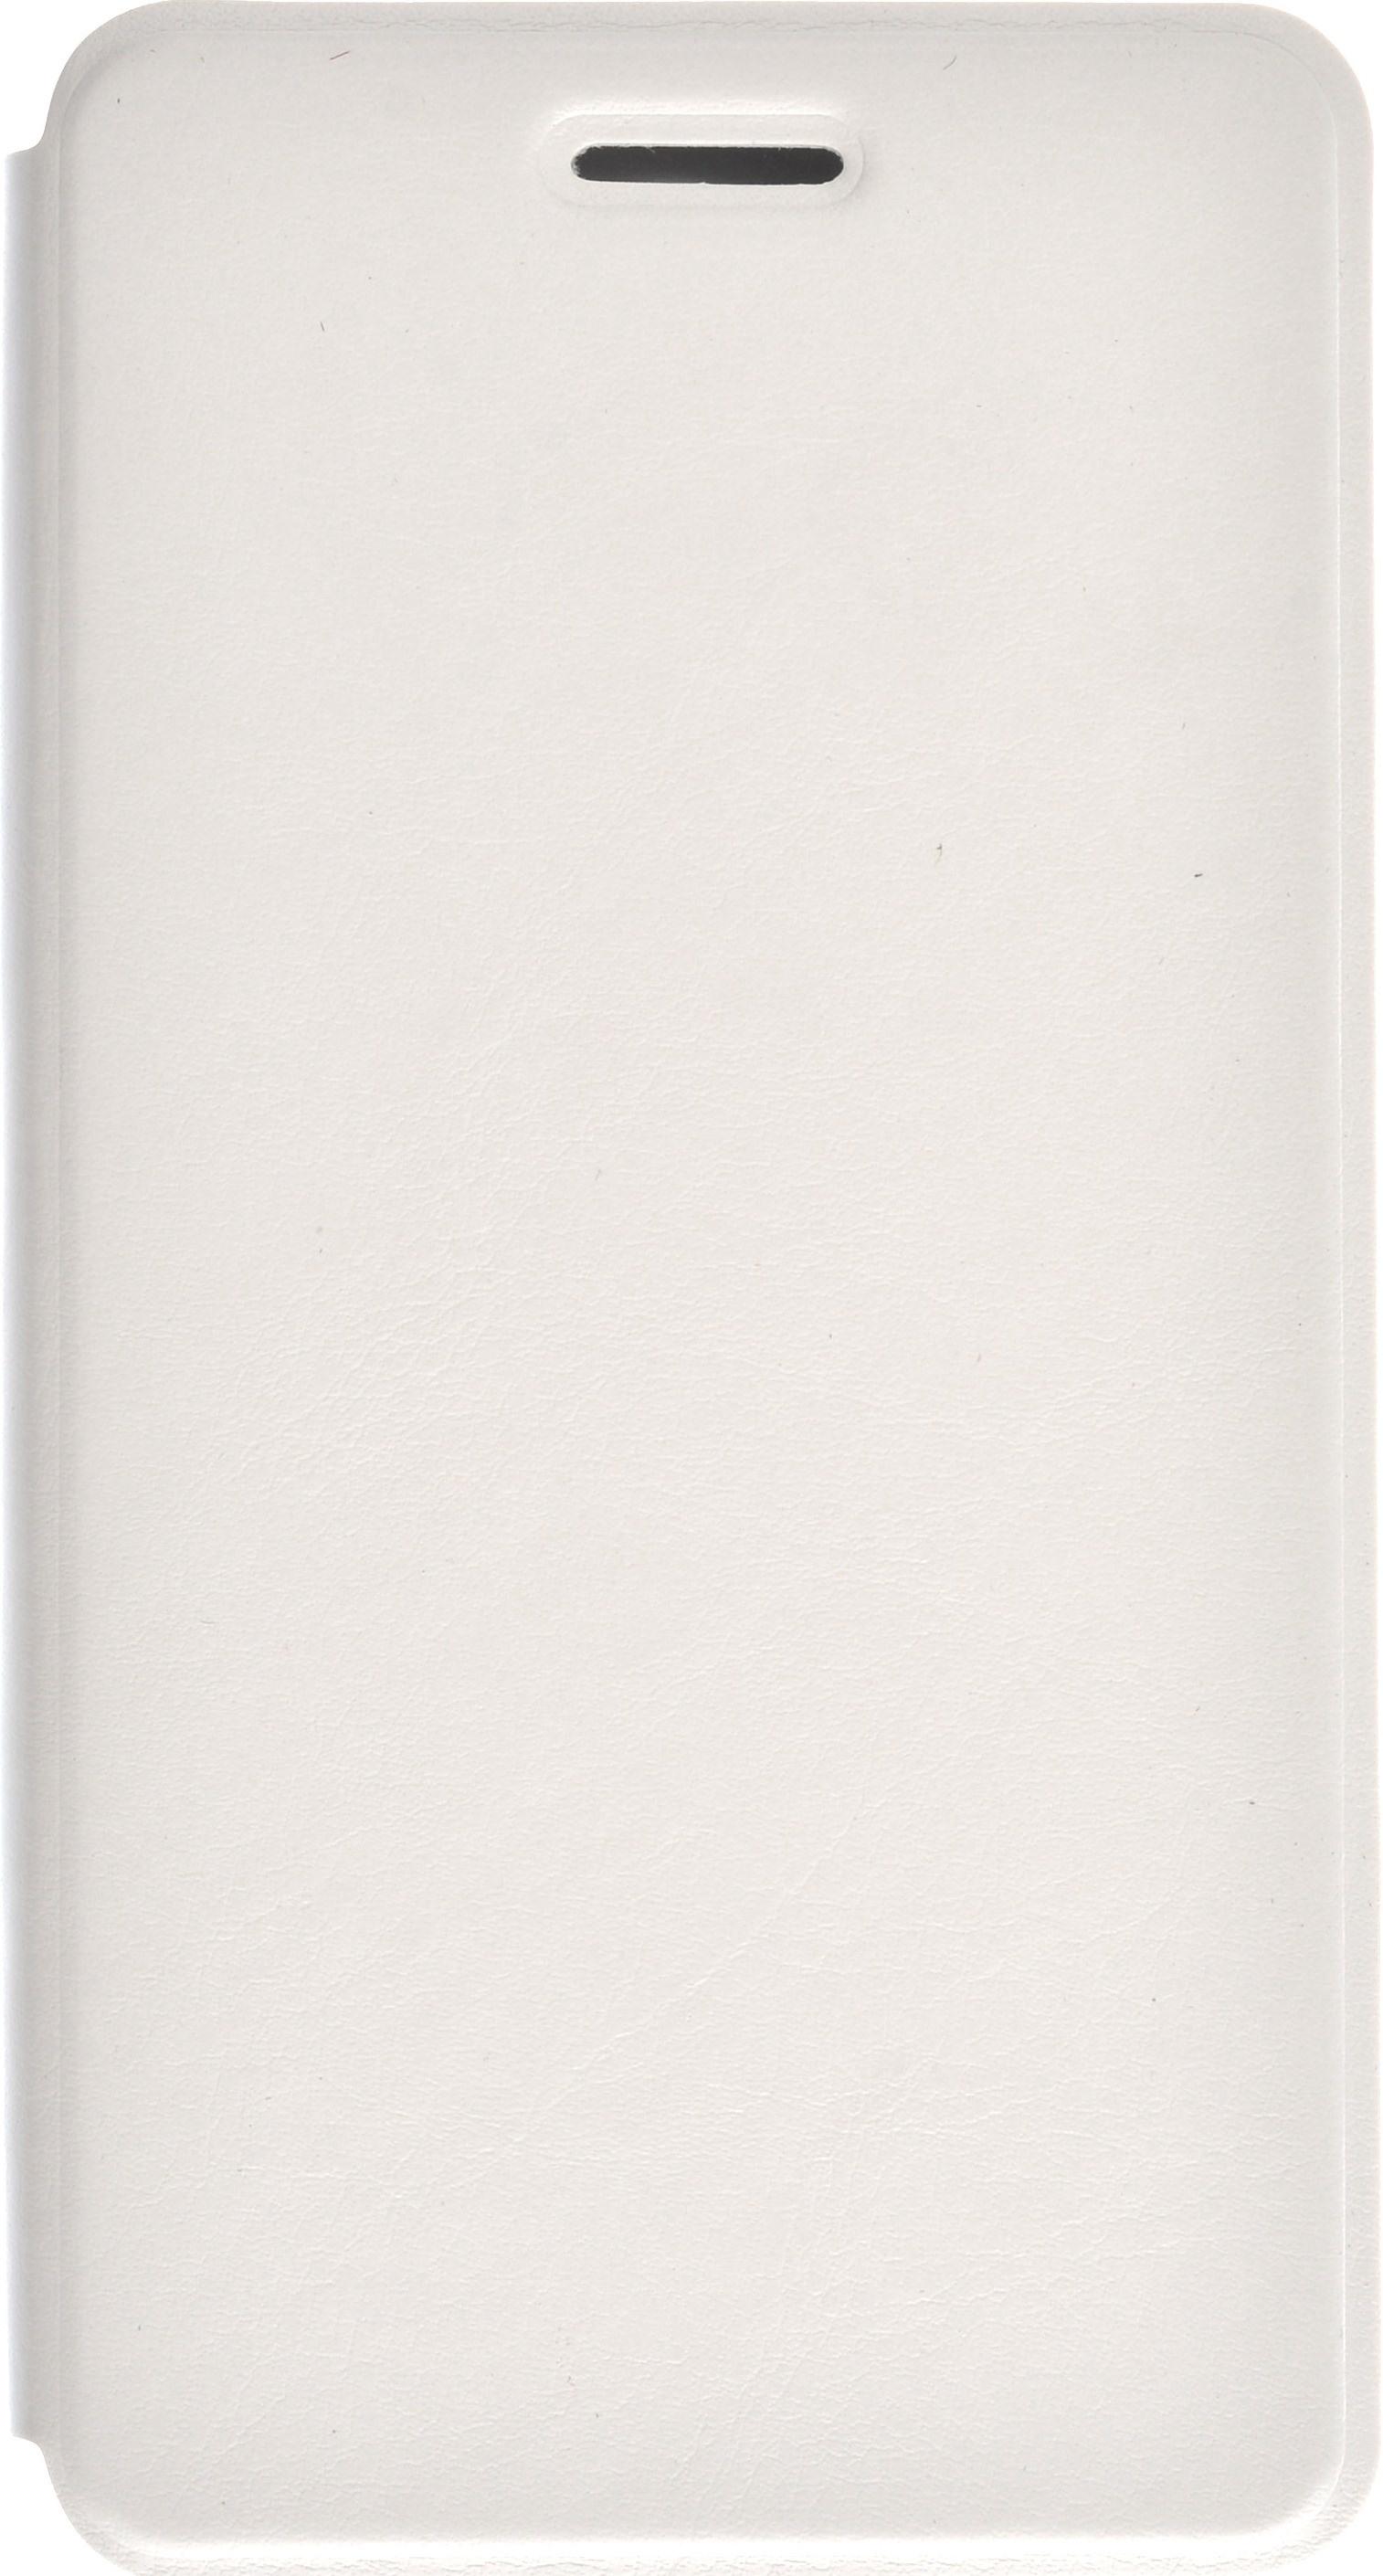 Чехол skinBOX для LGMax L Bello 2, 2000000080185, белый lg max x155